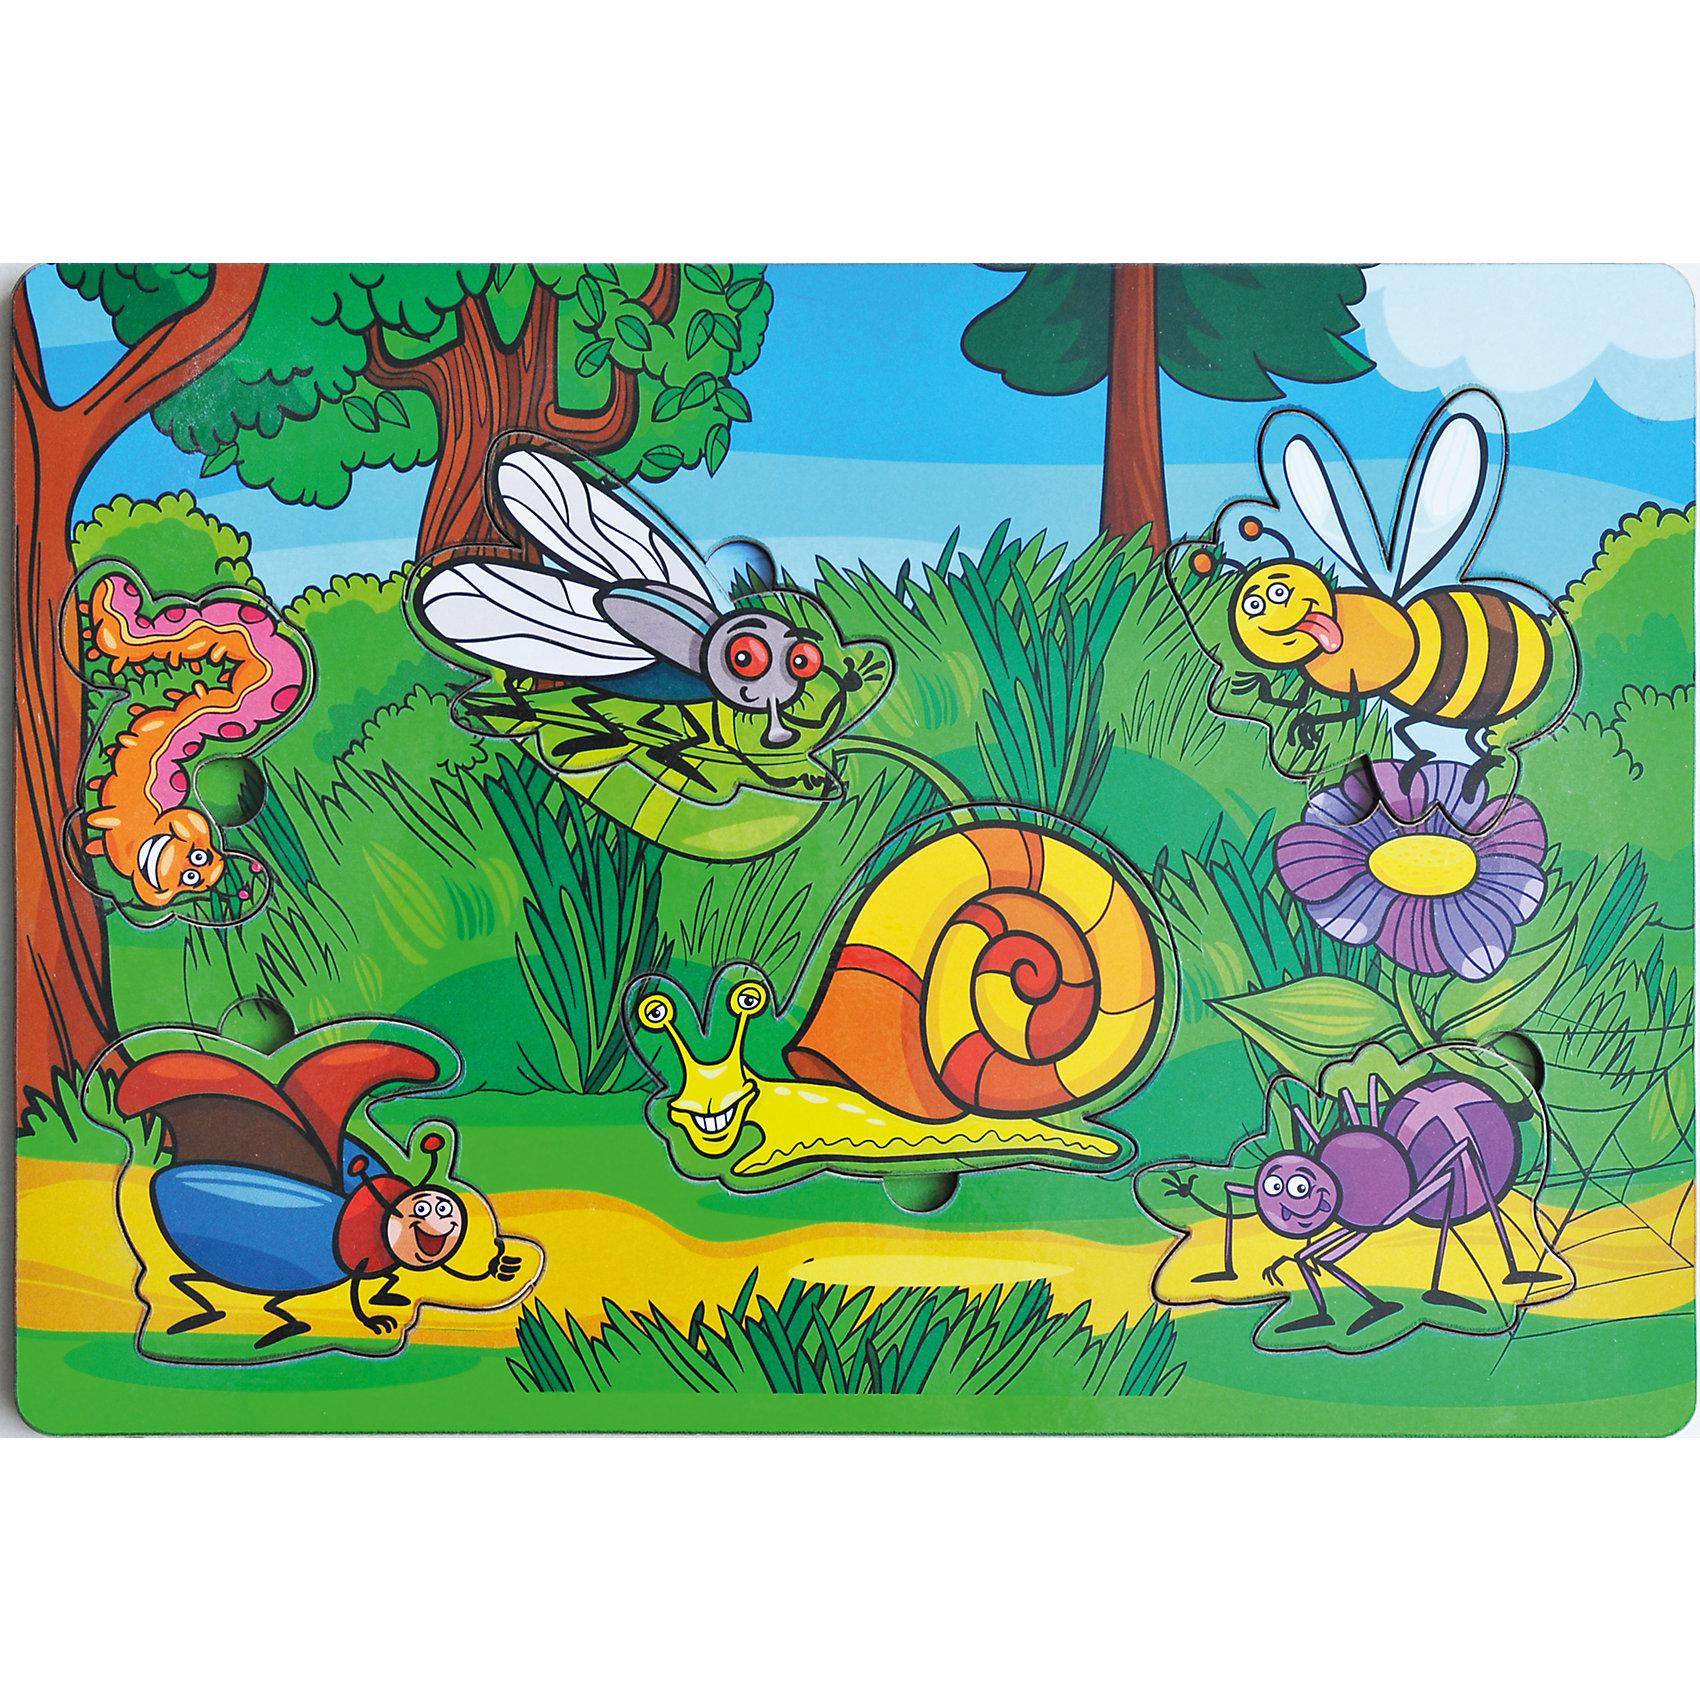 Развивающая рамка-вкладыш  «Букашки», Мастер игрушекДеревянные игры и пазлы<br>Букашки - яркая рамка-вкладыш, с помощью которого ребенок познакомится с крохотными обитателями животного мира, рассмотрит их, вытащив из ячеек и найдет им свой домик, вставив их обратно. Яркая картинка понравится малышу, а игра поможет развить мелкую моторику, координацию и обогатить словарный запас.<br><br>Дополнительная информация:<br>В комплекте: 6 вкладышей, рамка<br>Материал: дерево<br>Размер: 0,5х20х28 см<br>Вес: 260 грамм<br>Вы можете купить рамку-вкладыш Букашки в нашем интернет-магазине.<br><br>Ширина мм: 280<br>Глубина мм: 200<br>Высота мм: 5<br>Вес г: 260<br>Возраст от месяцев: 36<br>Возраст до месяцев: 120<br>Пол: Унисекс<br>Возраст: Детский<br>SKU: 4953656